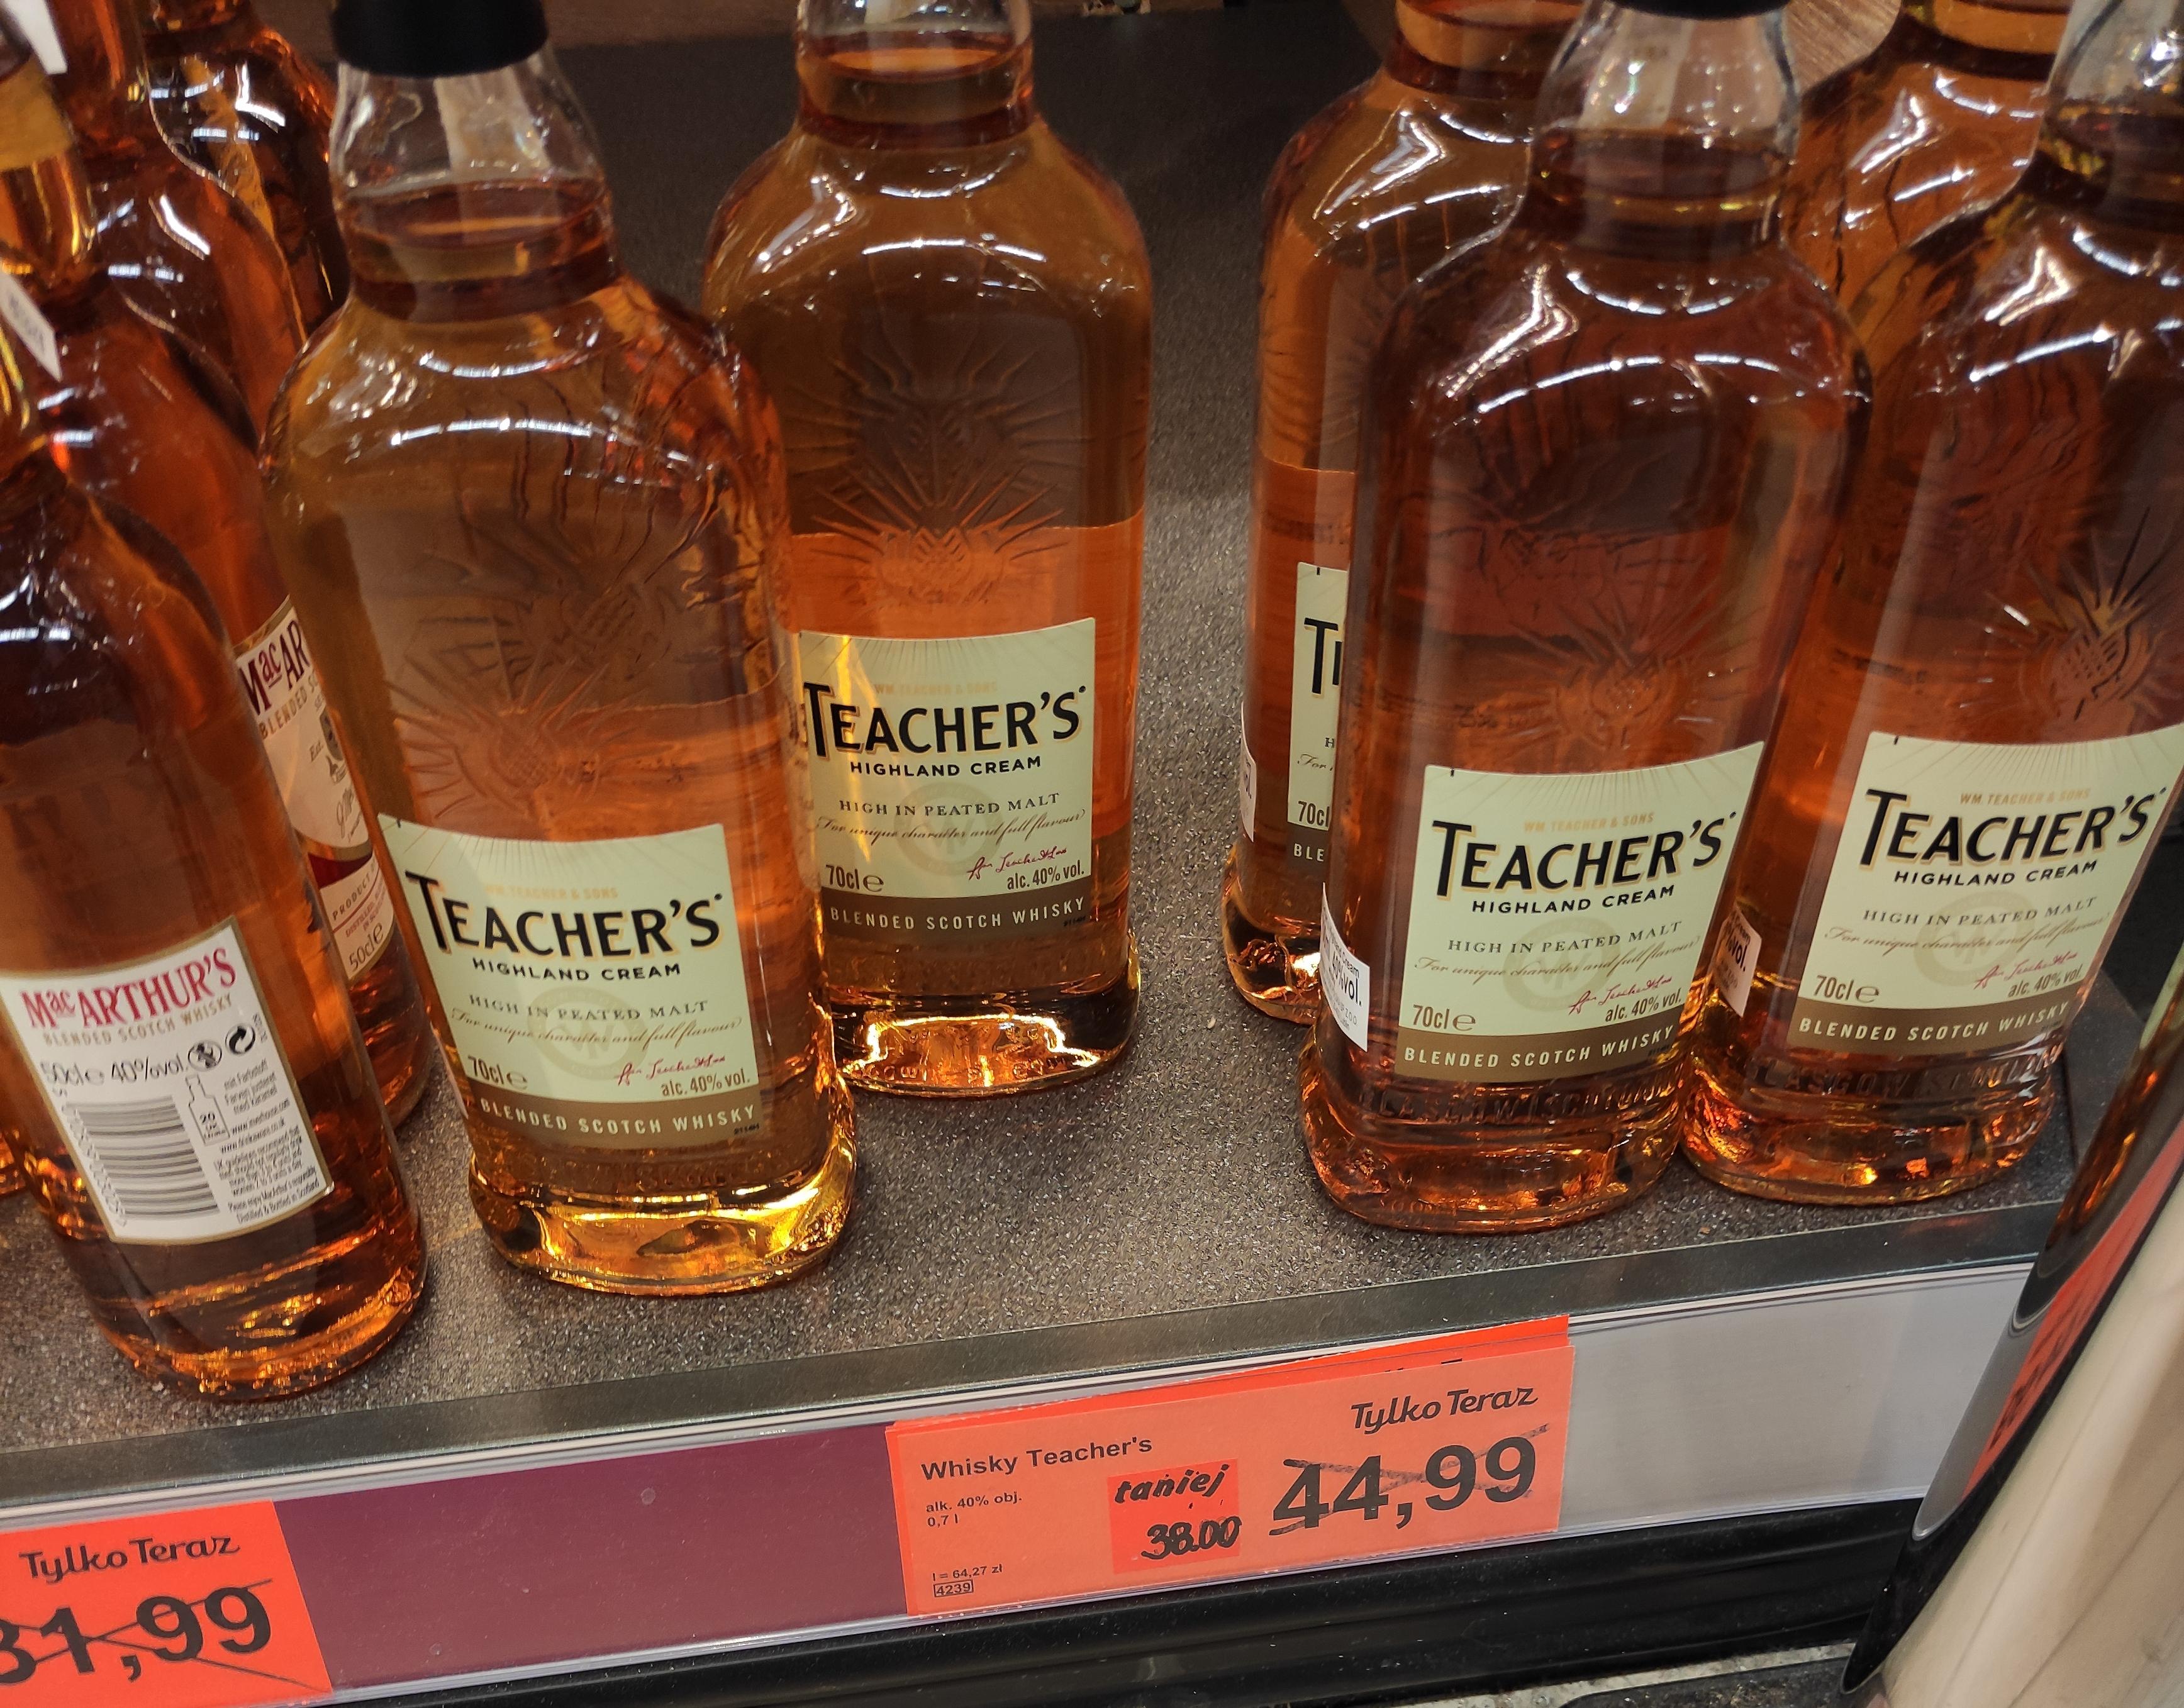 Whisky Teacher's 0,7 l w Aldi Bydgoszcz 38,00